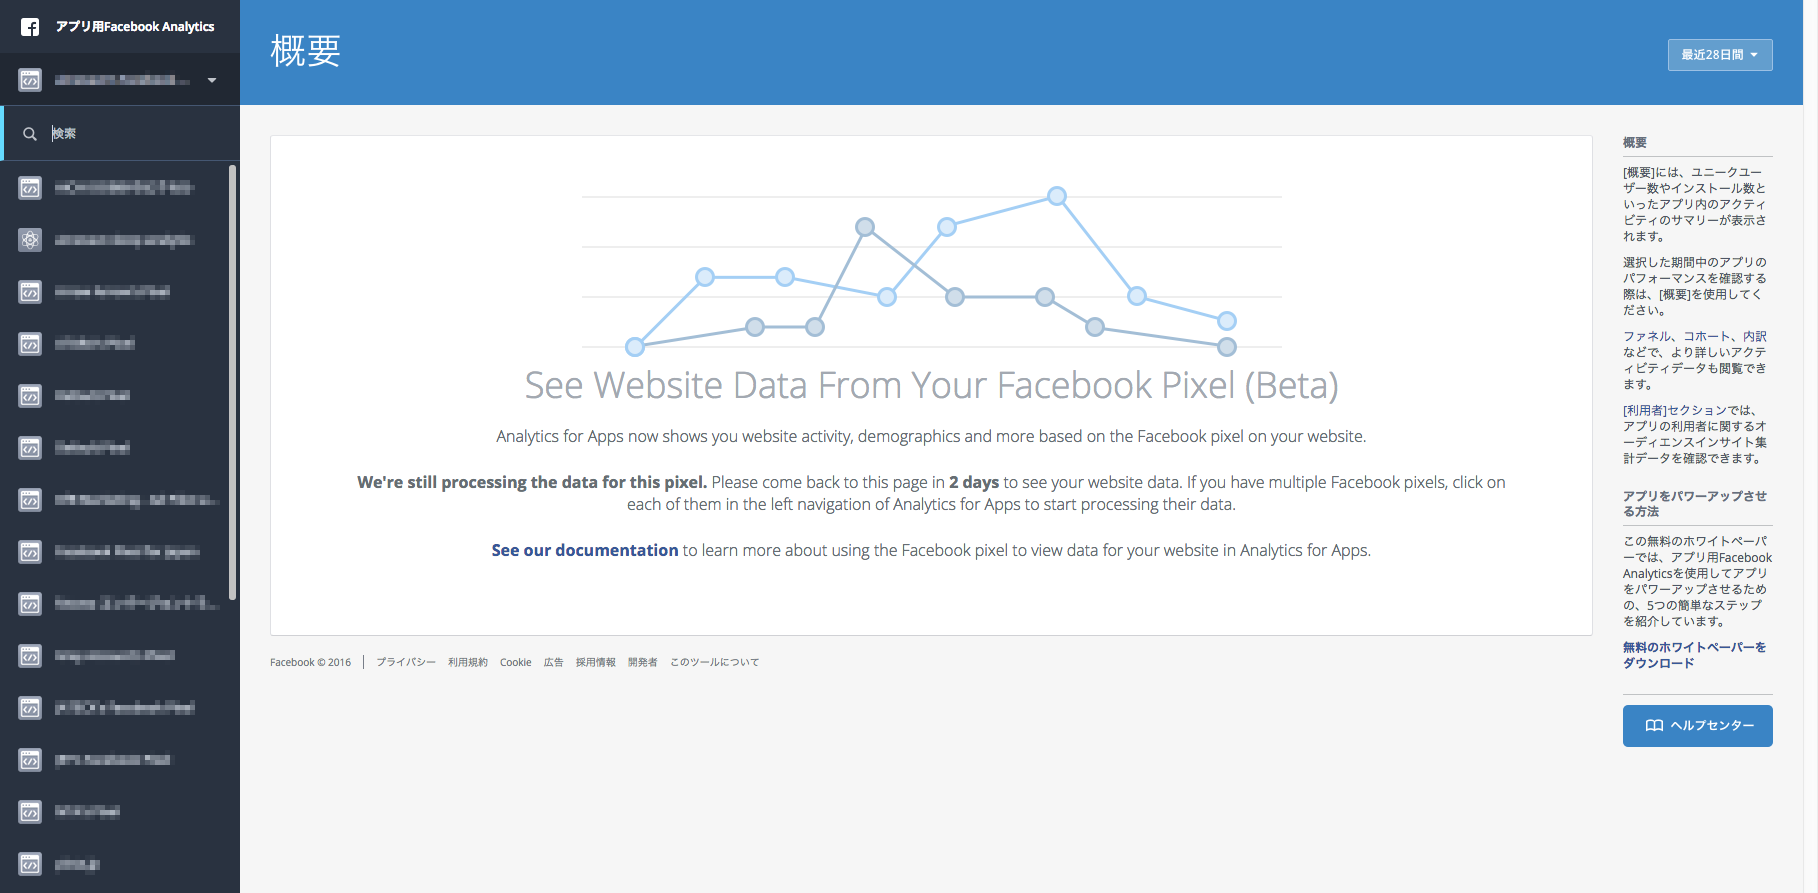 facebook_analytics-dashboard